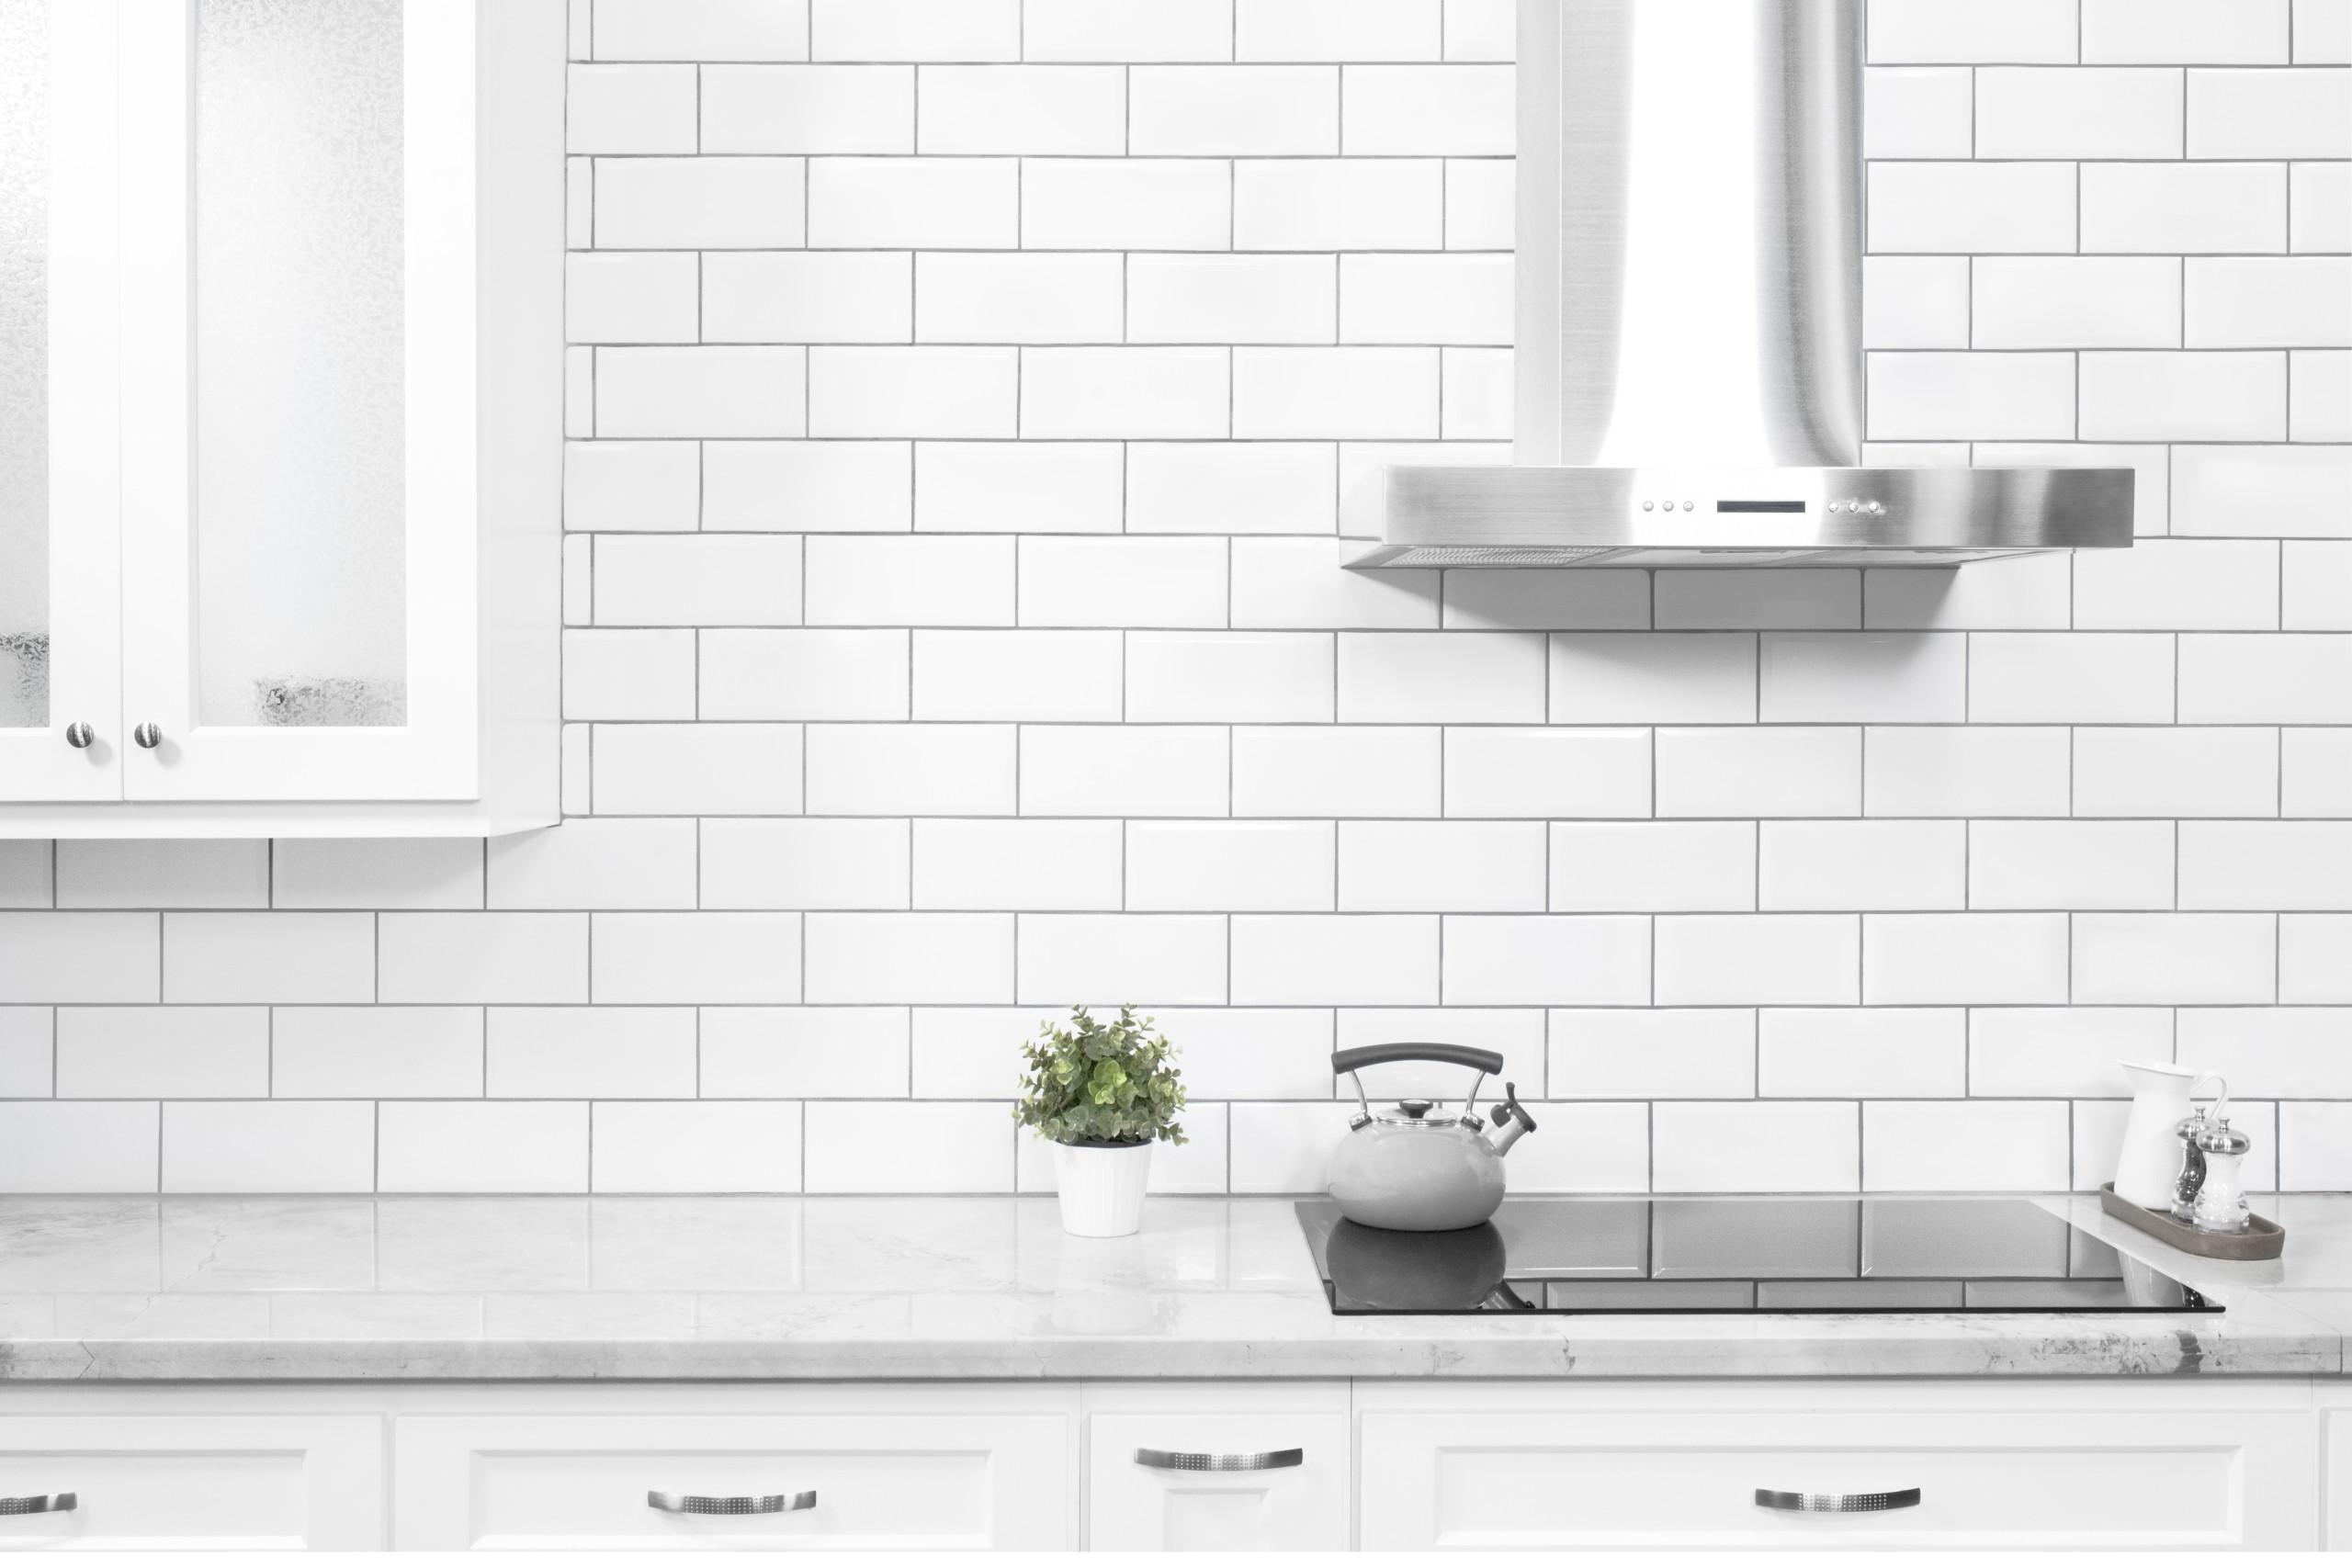 4 X 10 Subway Tile Tile Design Ideas